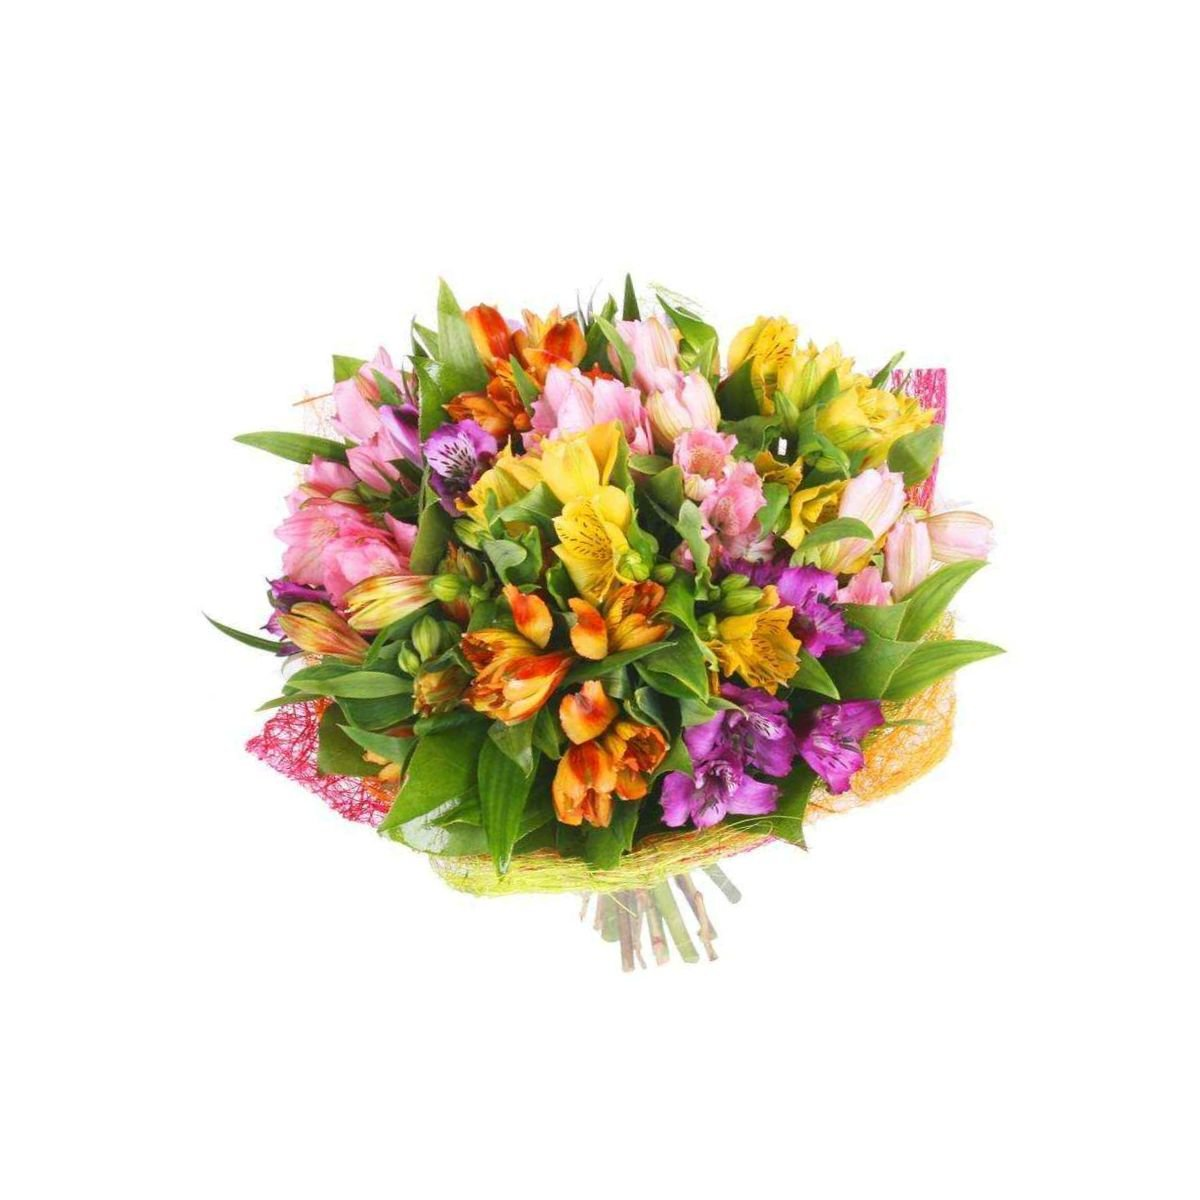 Цветы, доставка цветов и букетов в киев оплата картой